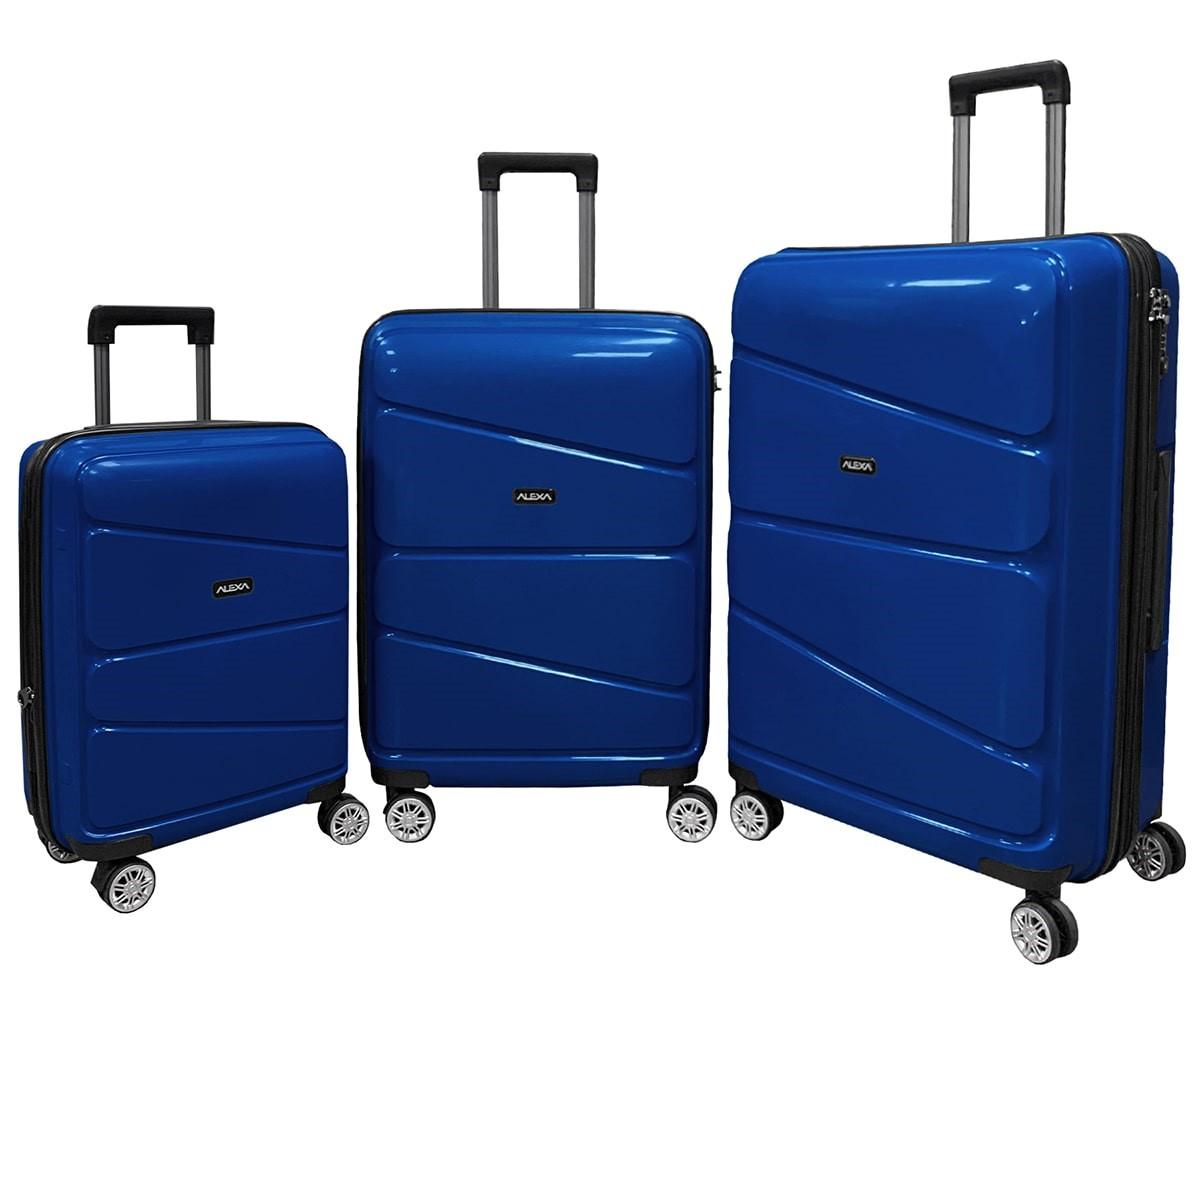 6543w - به گزارش تجارت نیوز راهنمای خرید کولهپشتی، خرید چمدان و کیف لپتاپ چرم از فروشگاه ۱۲۳kif.ir